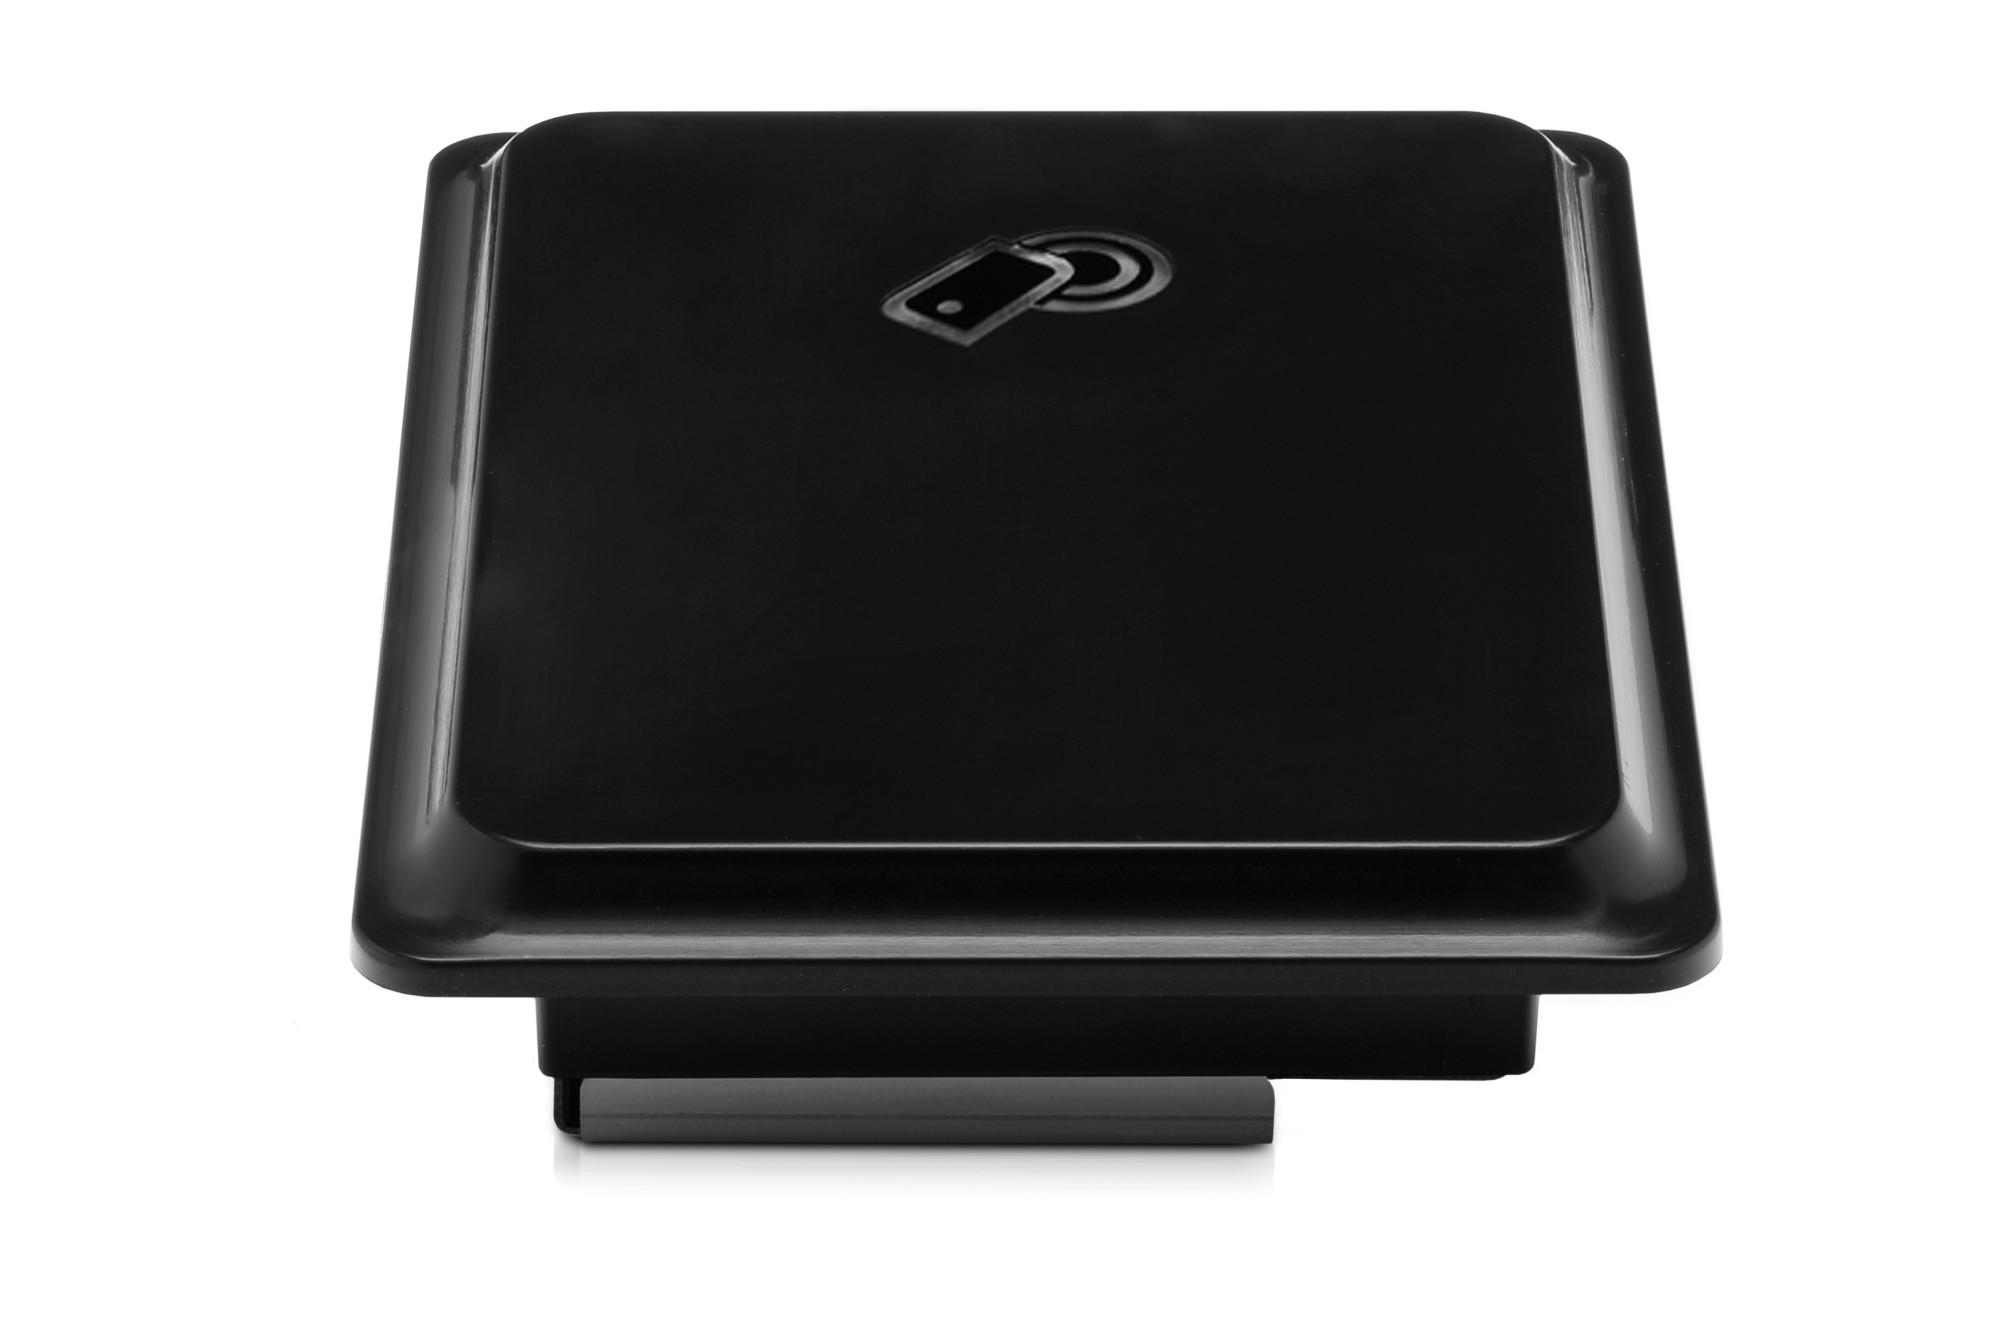 HP Jetdirect 2800w NFC Wifi direct accesory